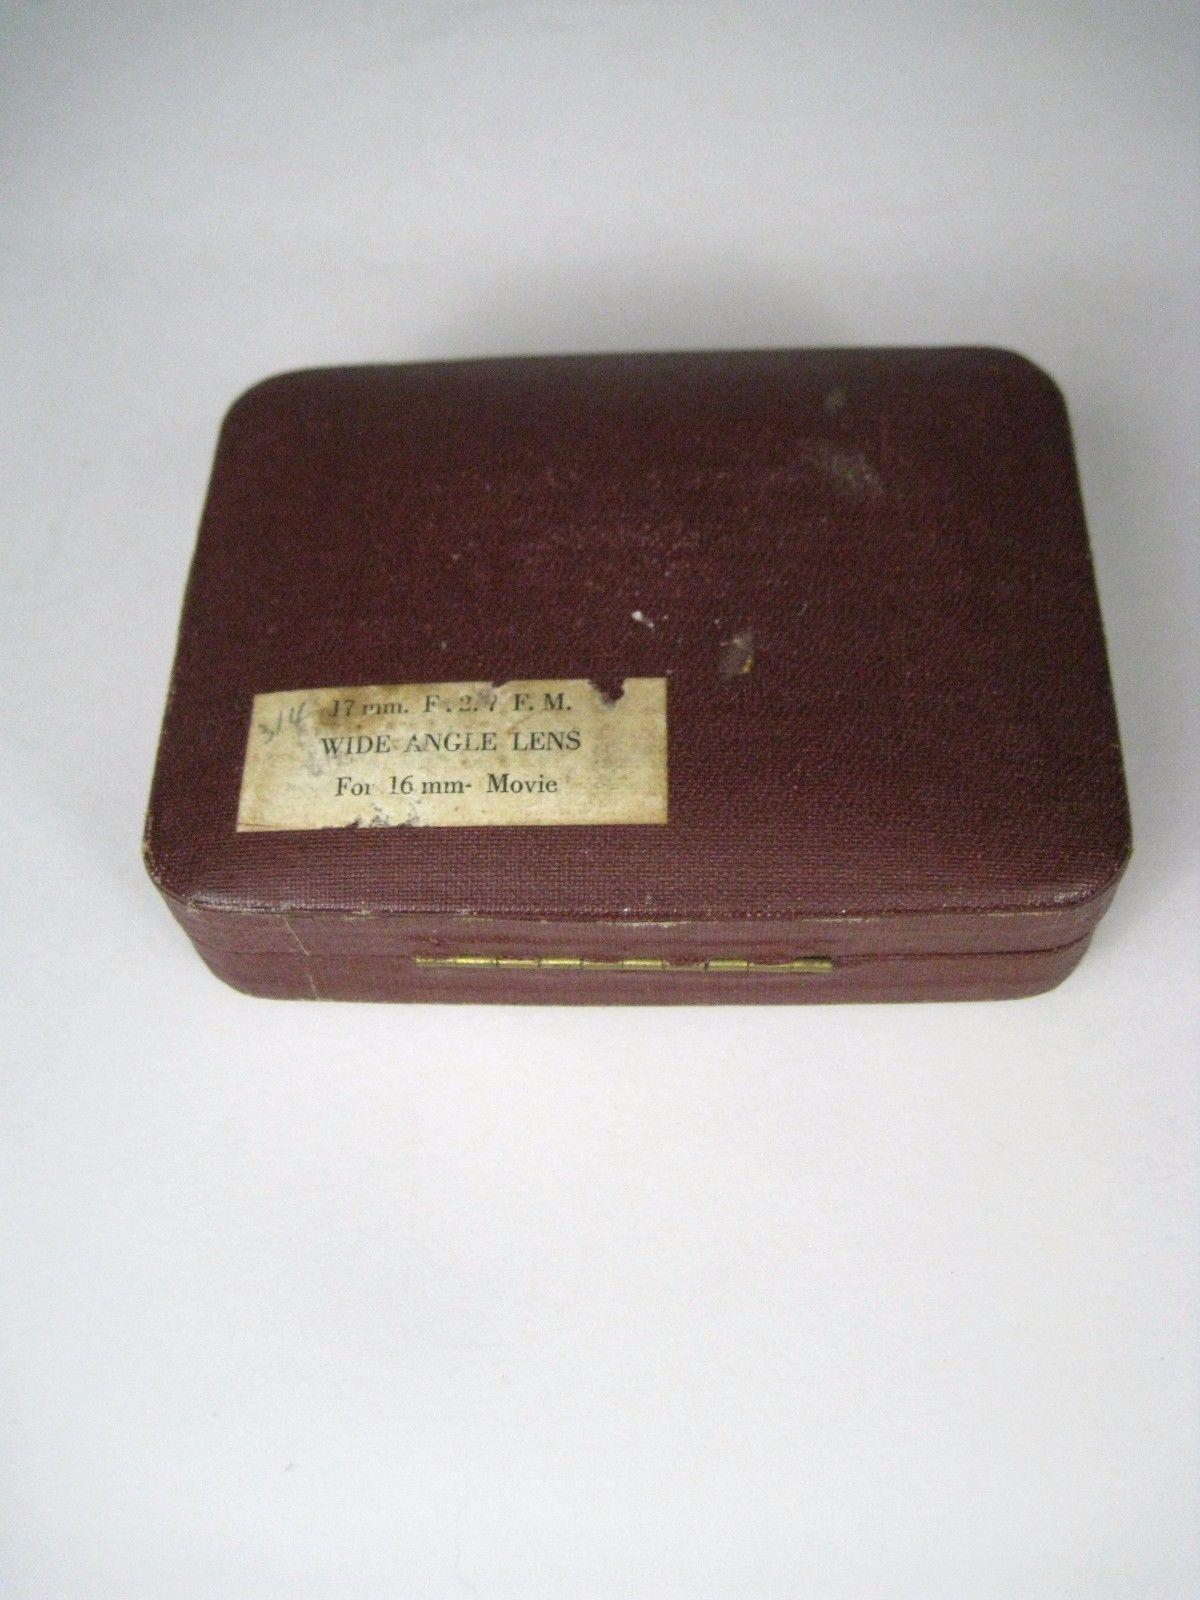 Elitar Soligor 17 mm f:2.7 Lens Wide Angle Y-314 Vintage Damage Display for 16mm